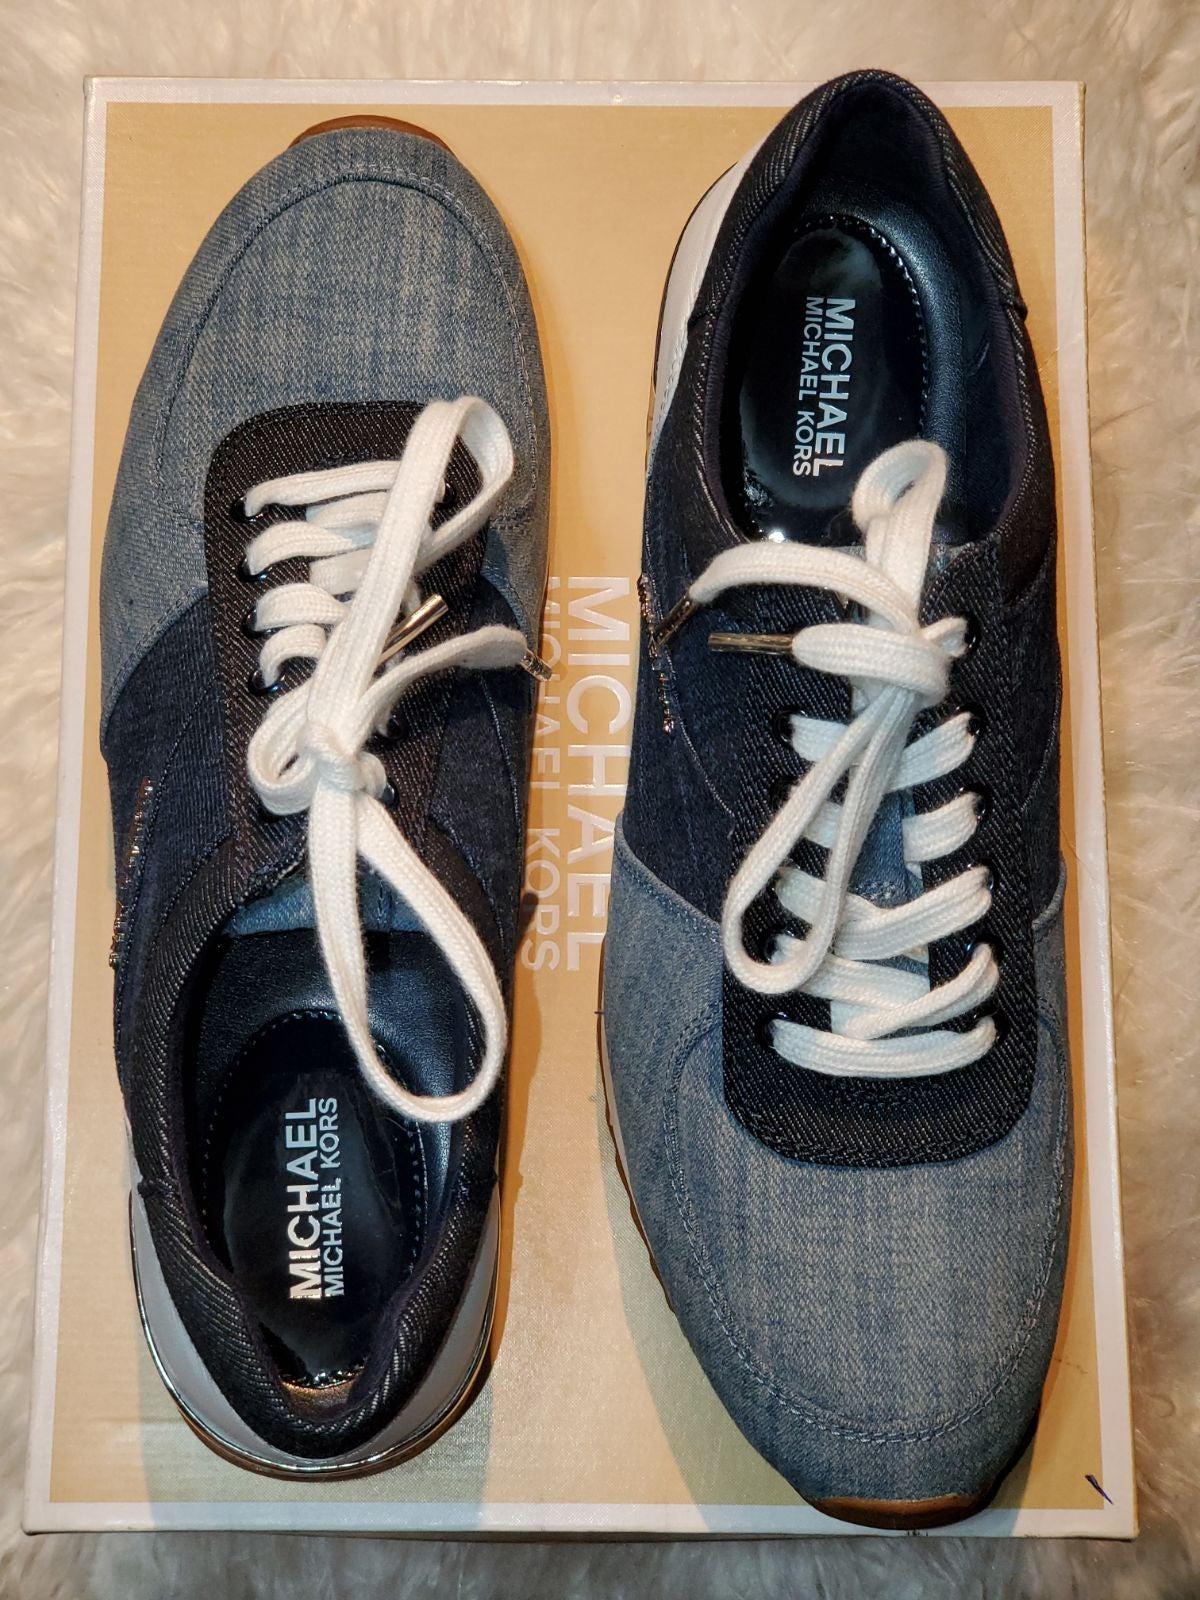 Mk denim sneakers